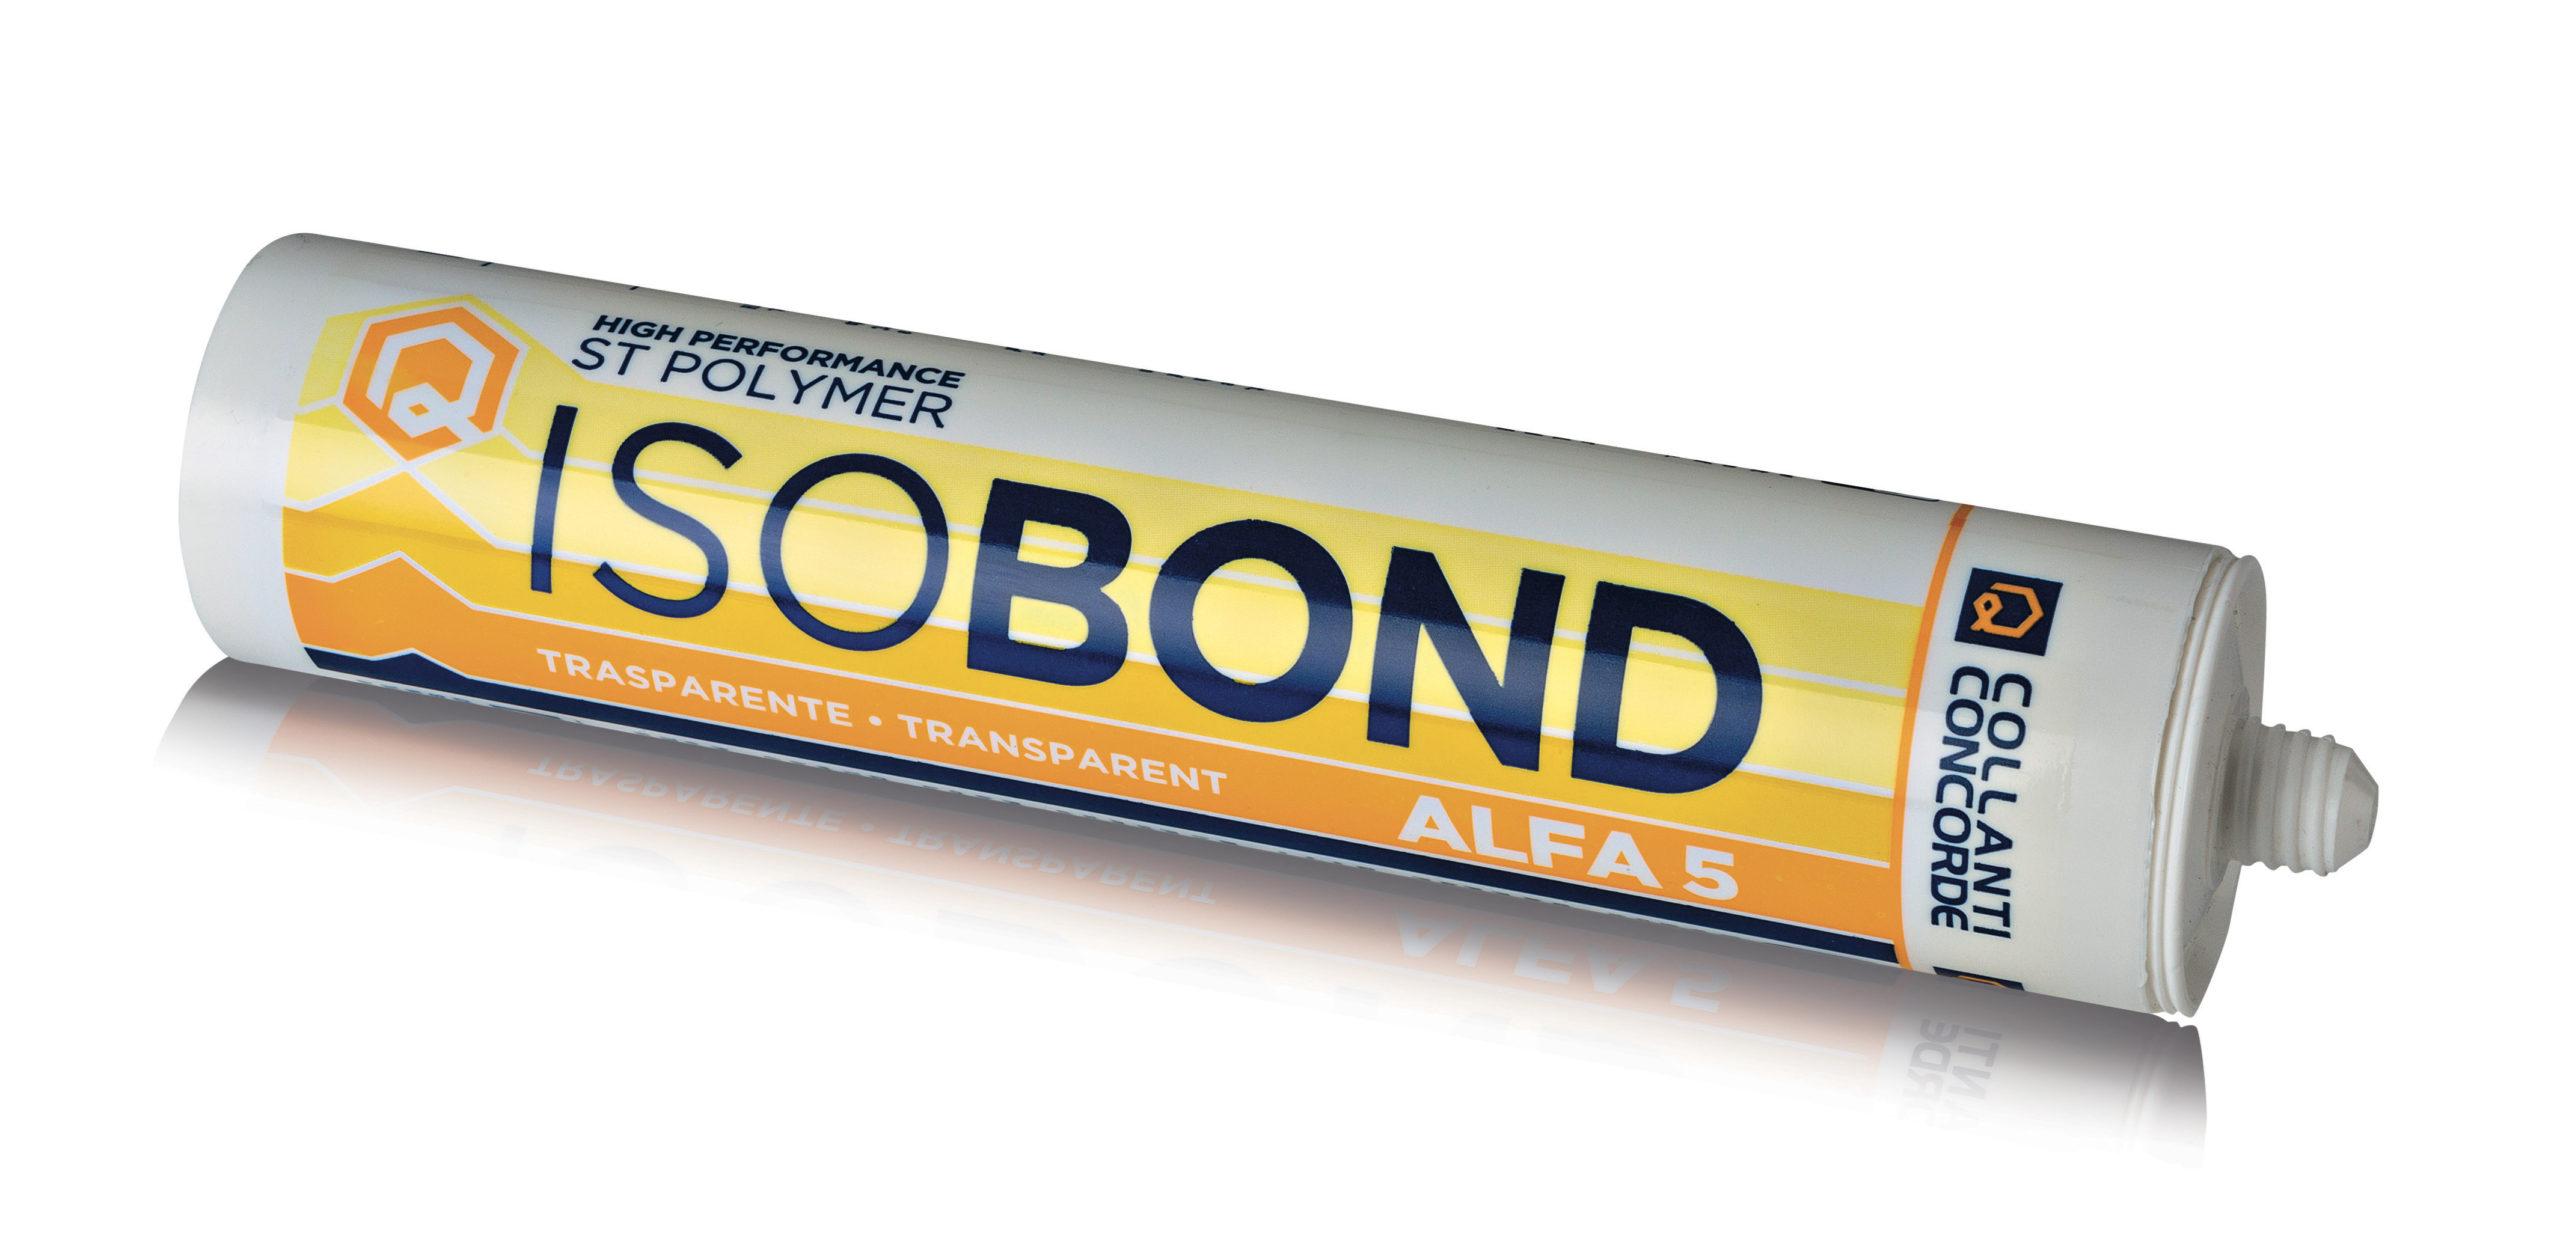 Полиуретановый клей. Полимеры ST ISOBOND ALFA 5 Trasparente